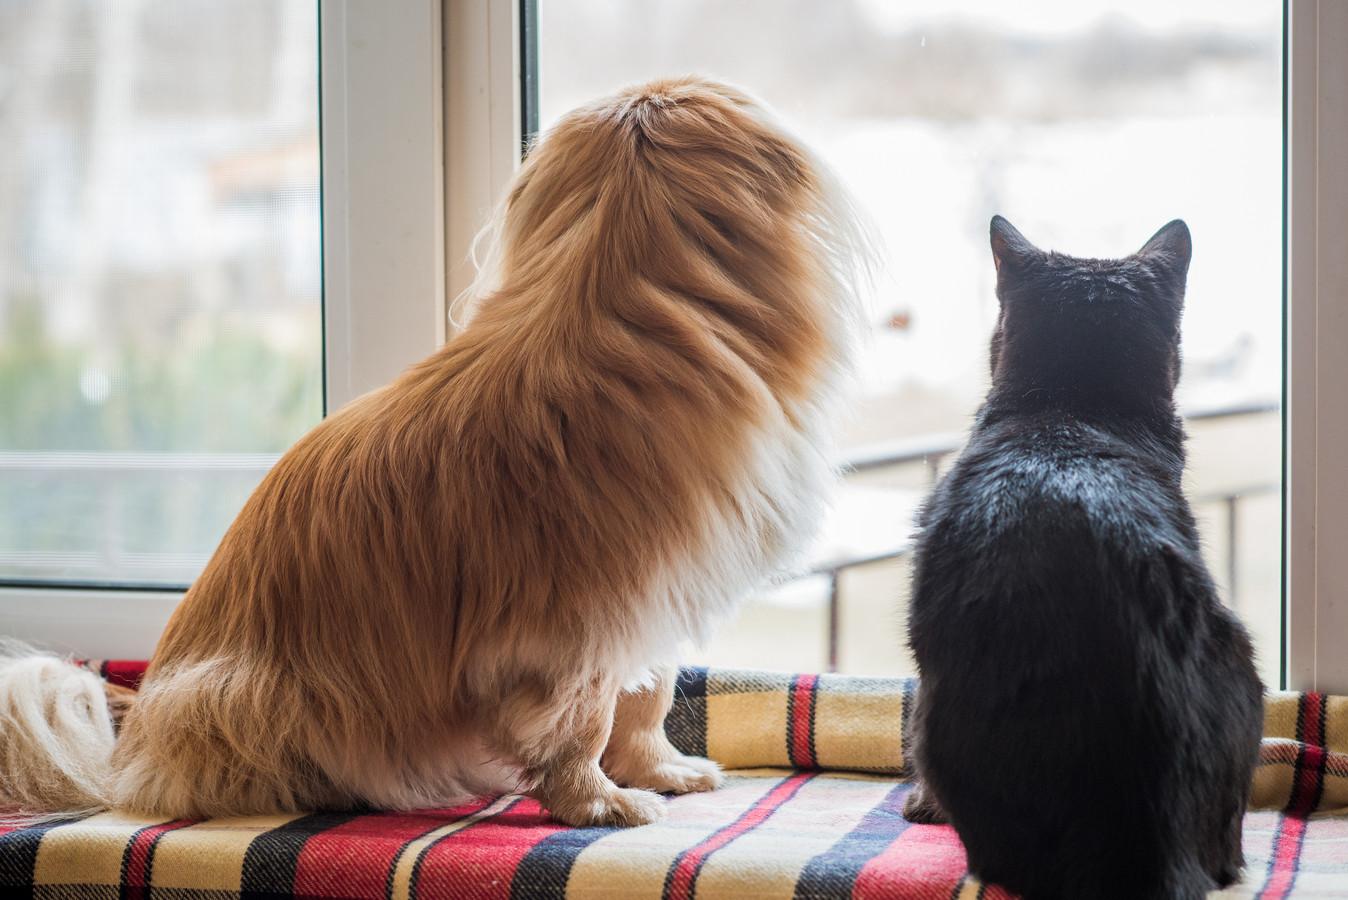 Een hond en een kat kijken uit naar de komst van hun baasje.